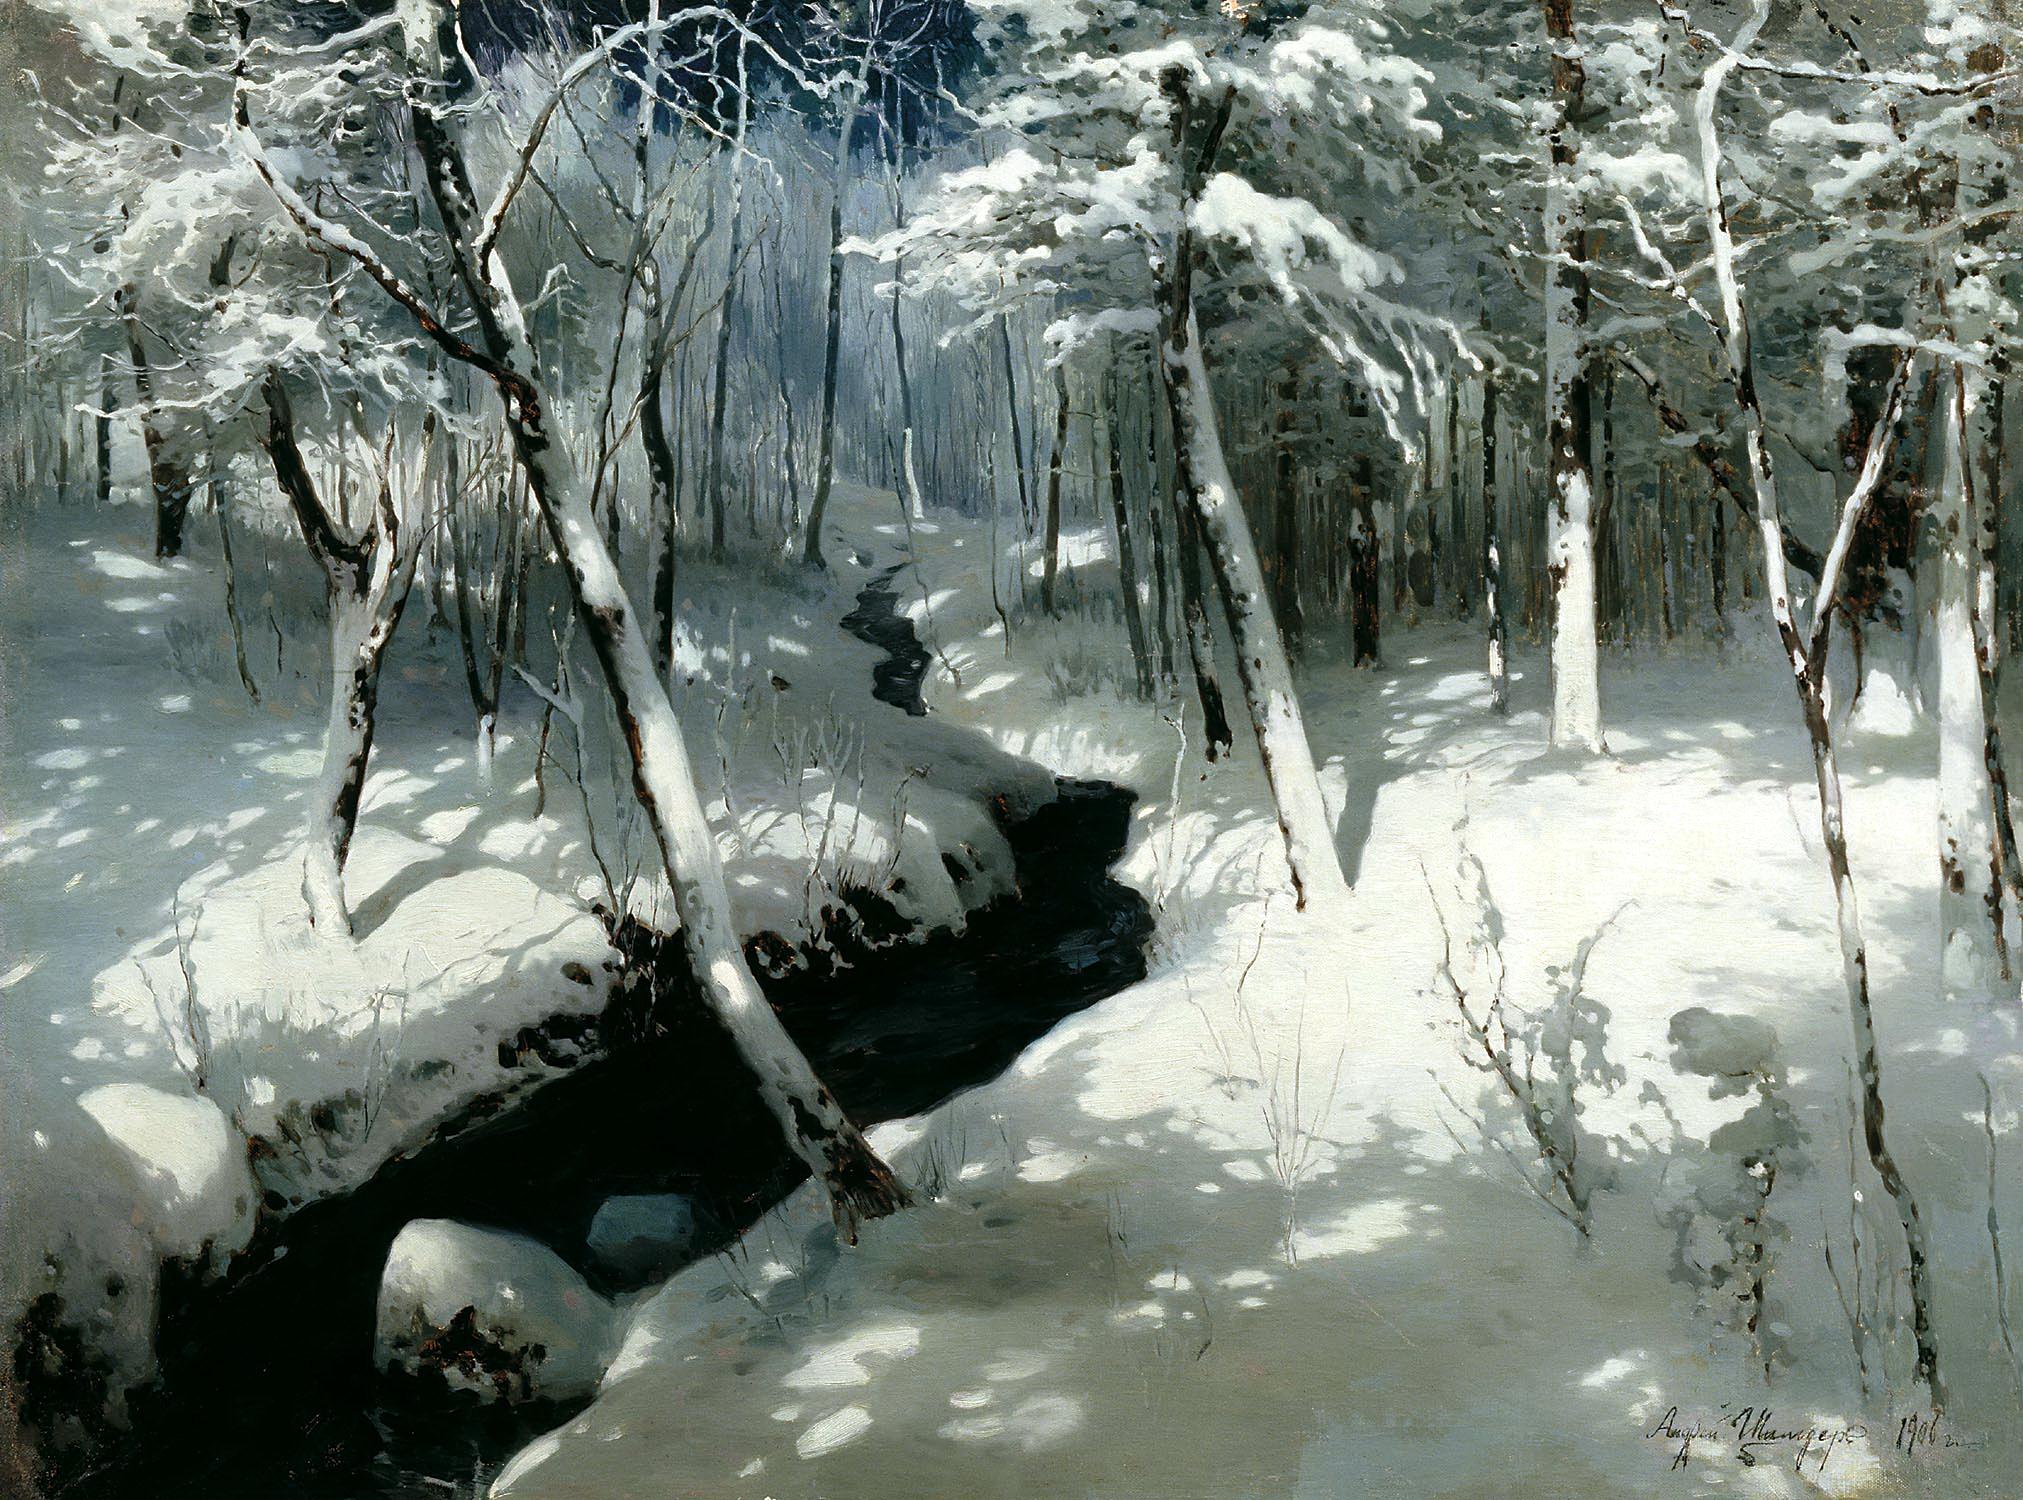 Андрей Шильдер картина Ручей в лесу зимний пейзаж холст масло